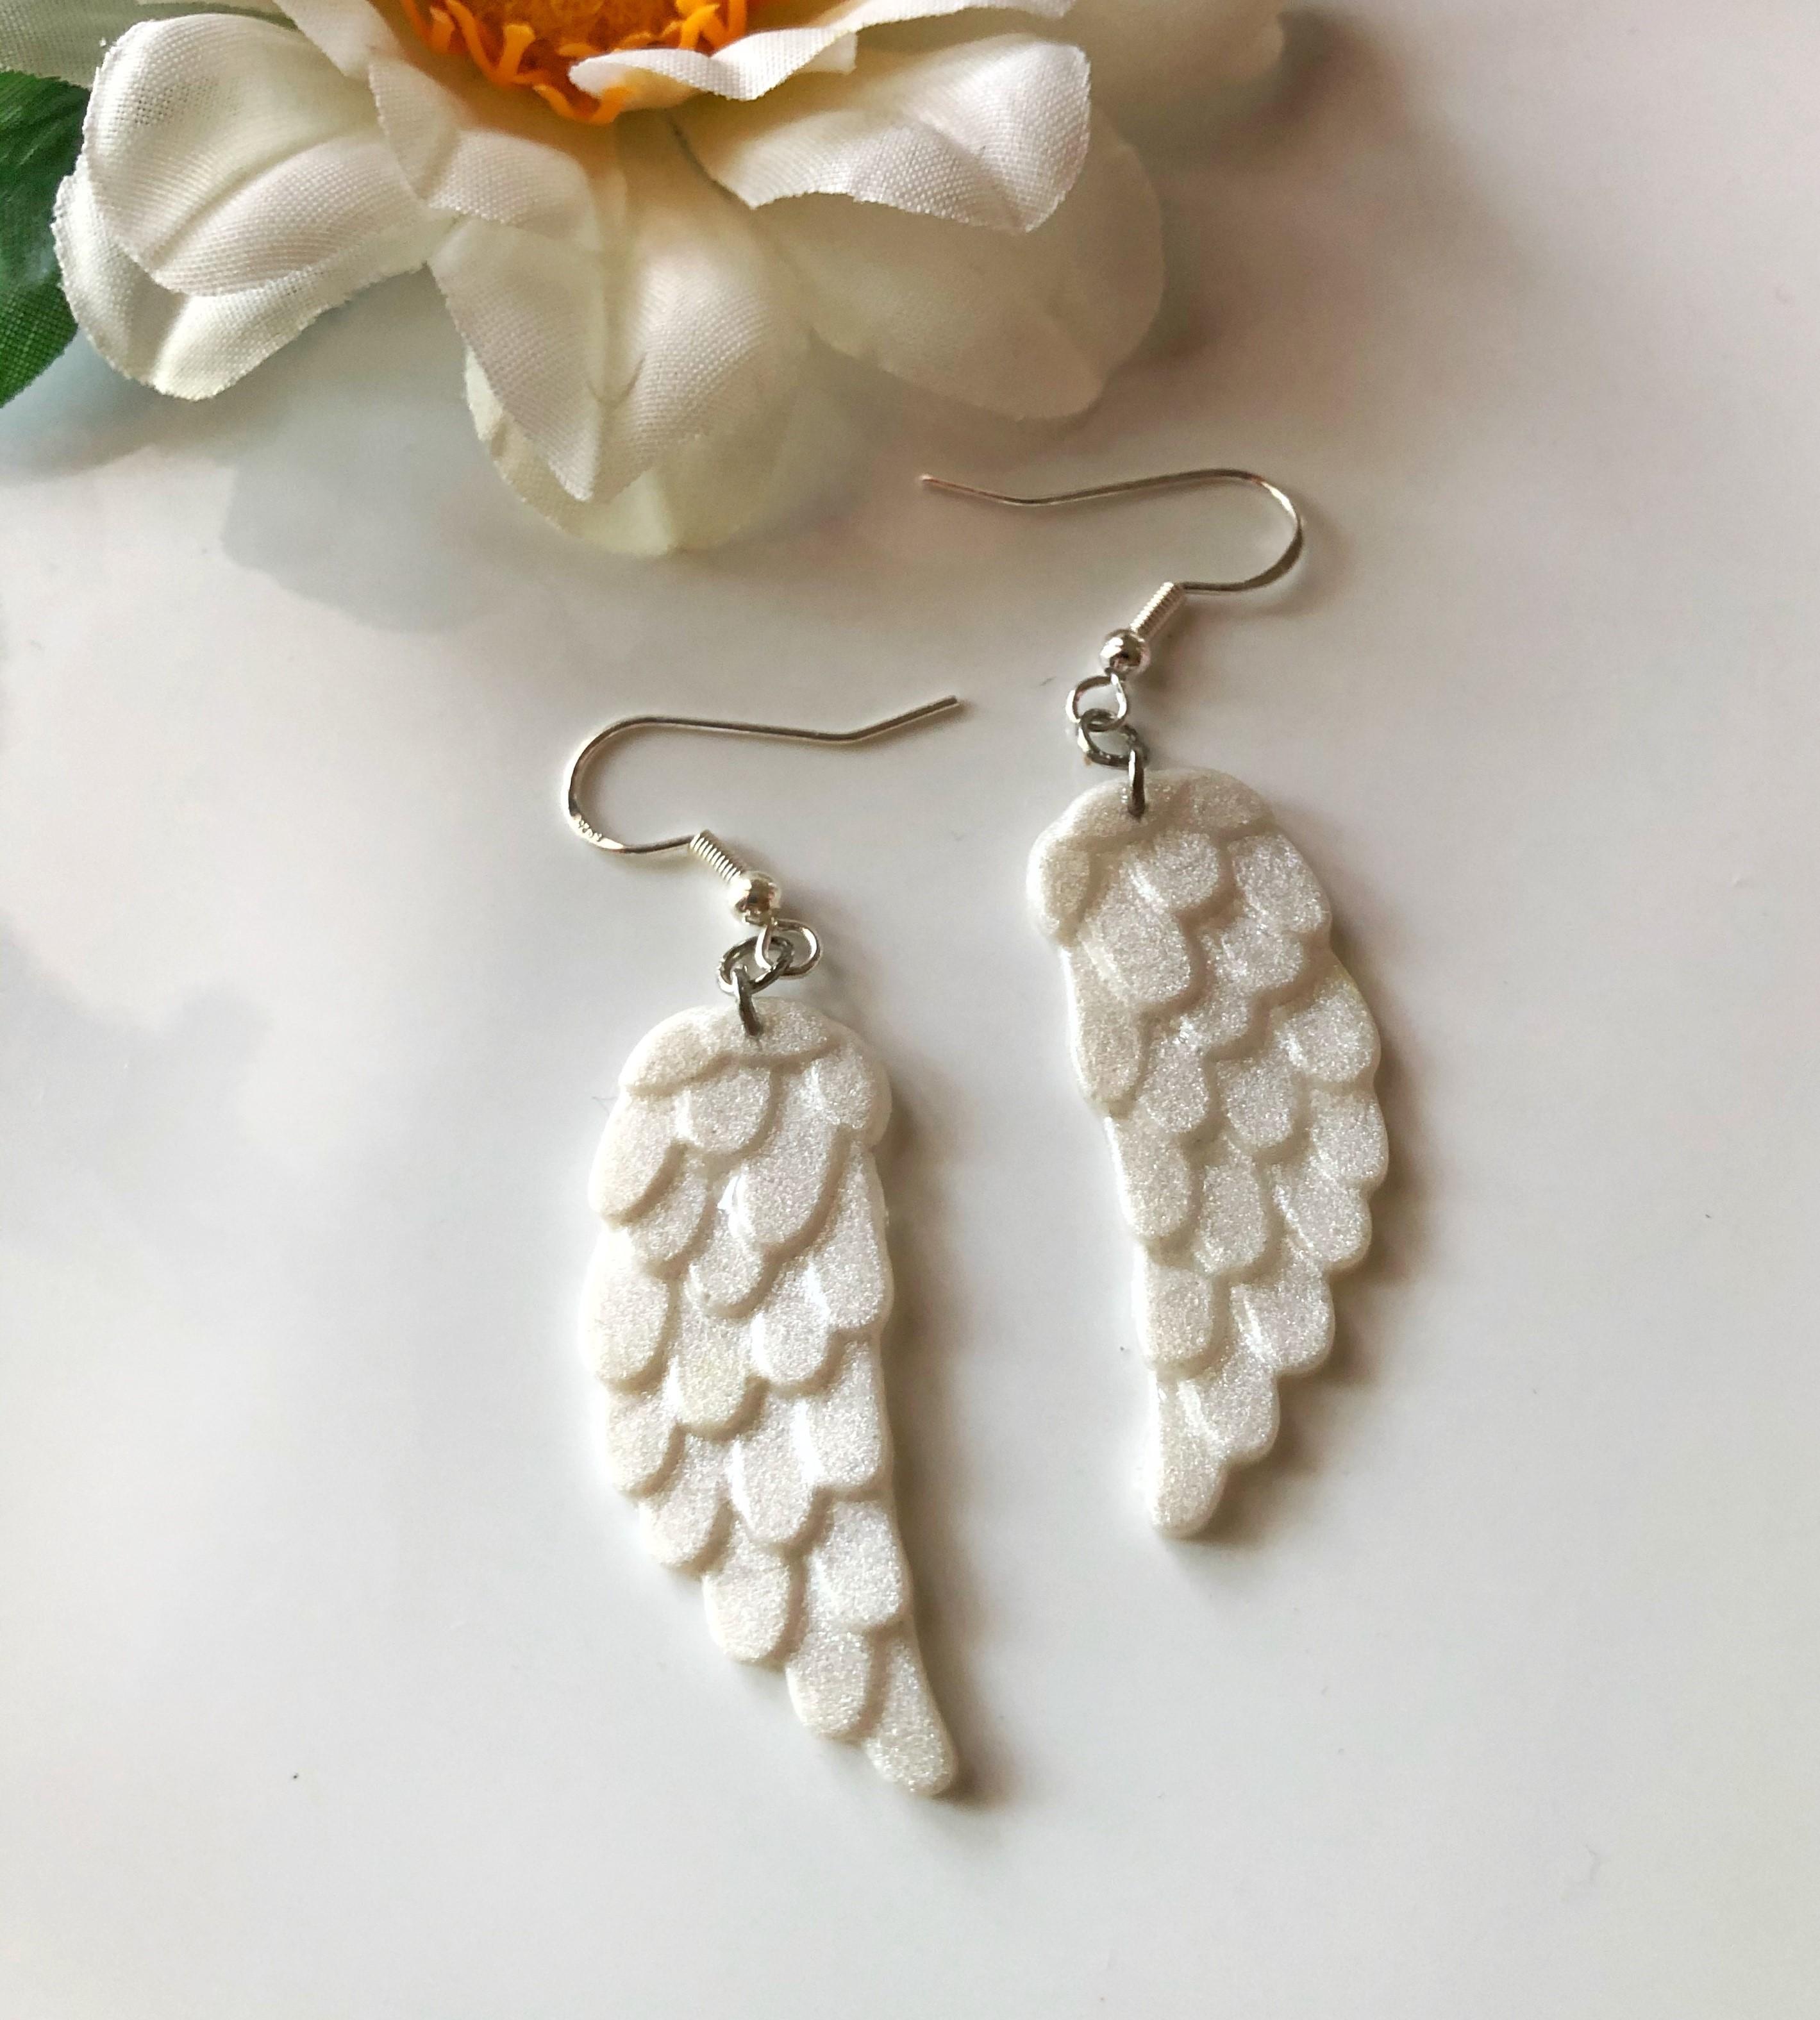 Handmade Polymer Clay Wings Earrings